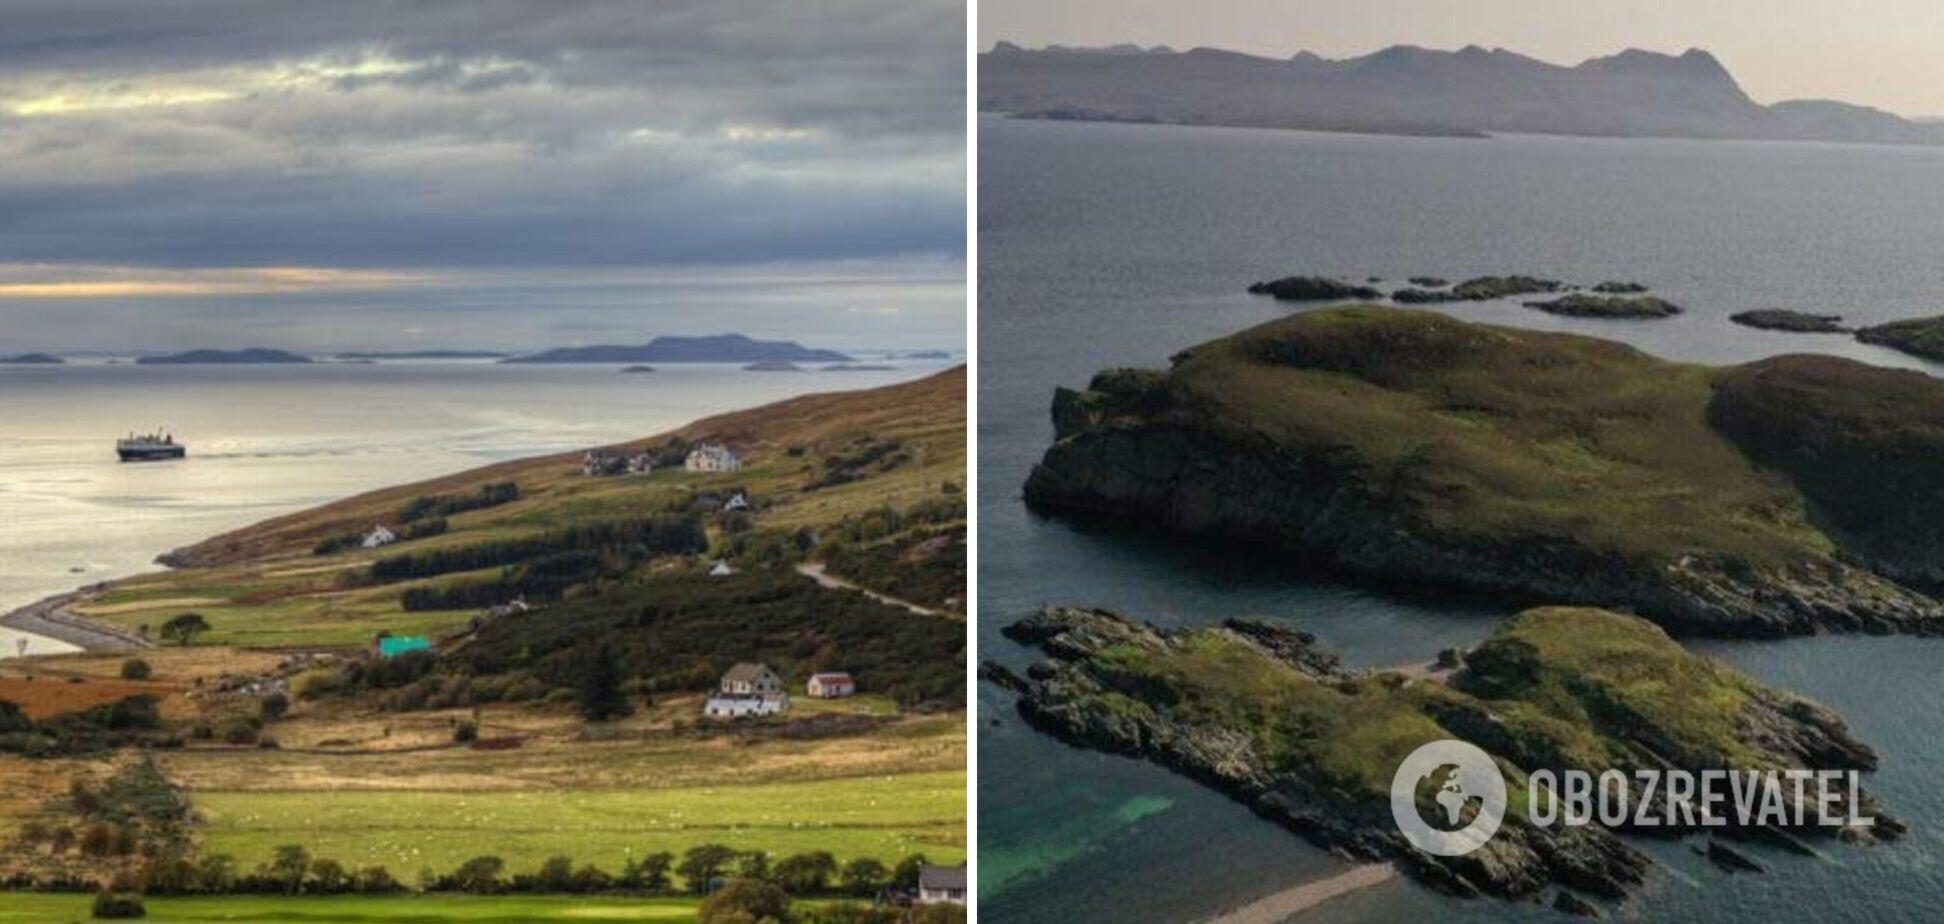 В Шотландии выставили на продажу необитаемый остров за 70 тыс. долларов. Фото и видео